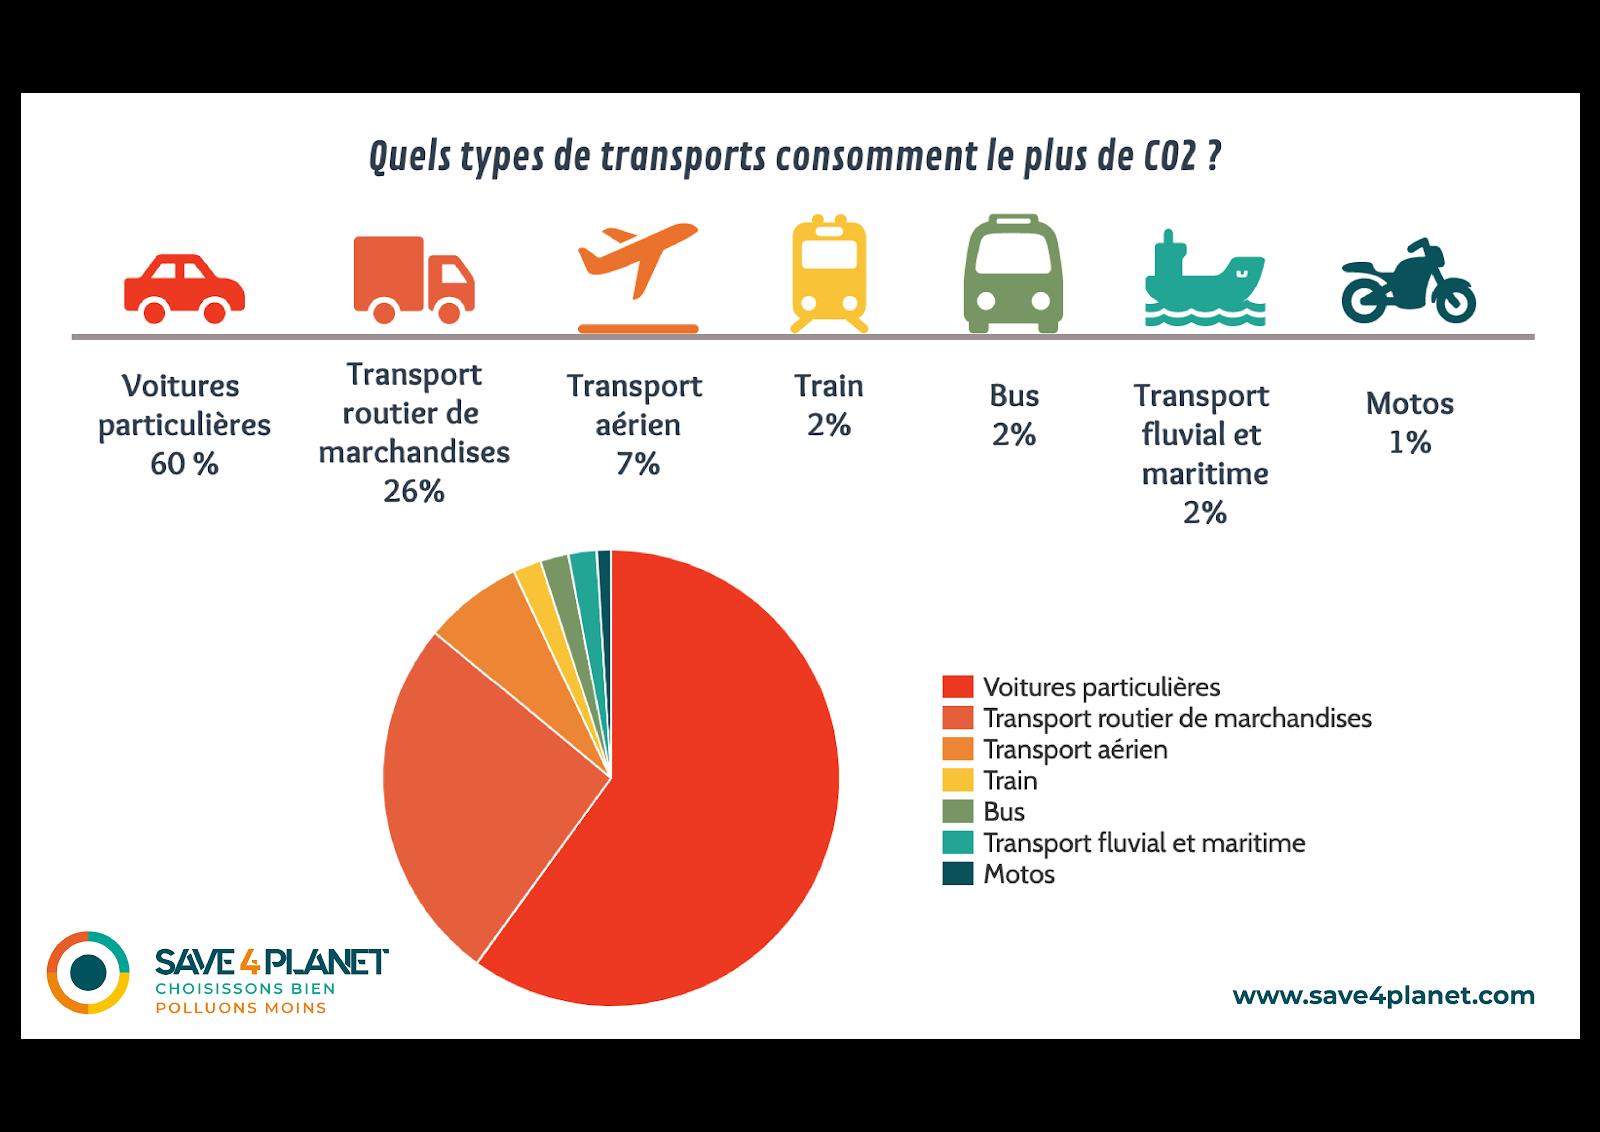 Illustration de ce qui consomme le plus dans le transport